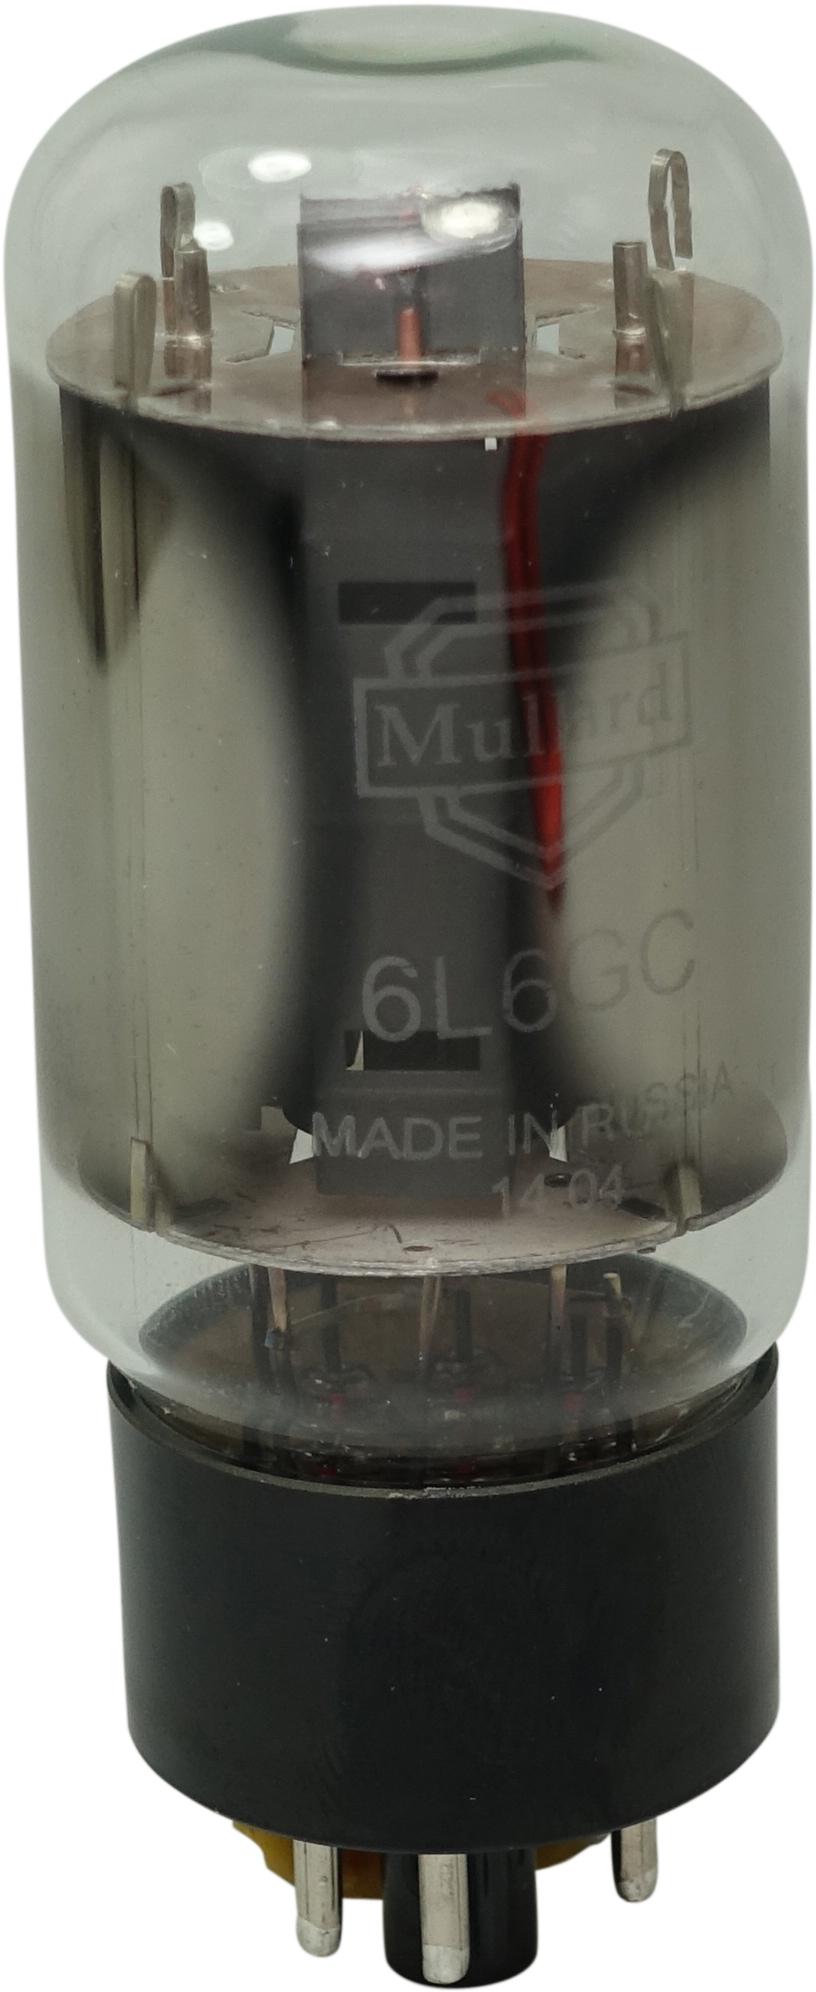 6L6GC Mullard Platinum Matched